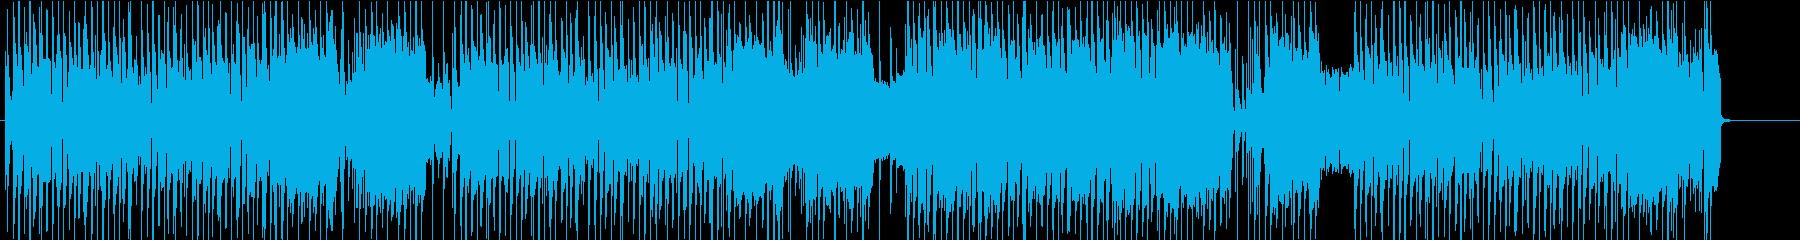 ノリノリなギターロックの再生済みの波形